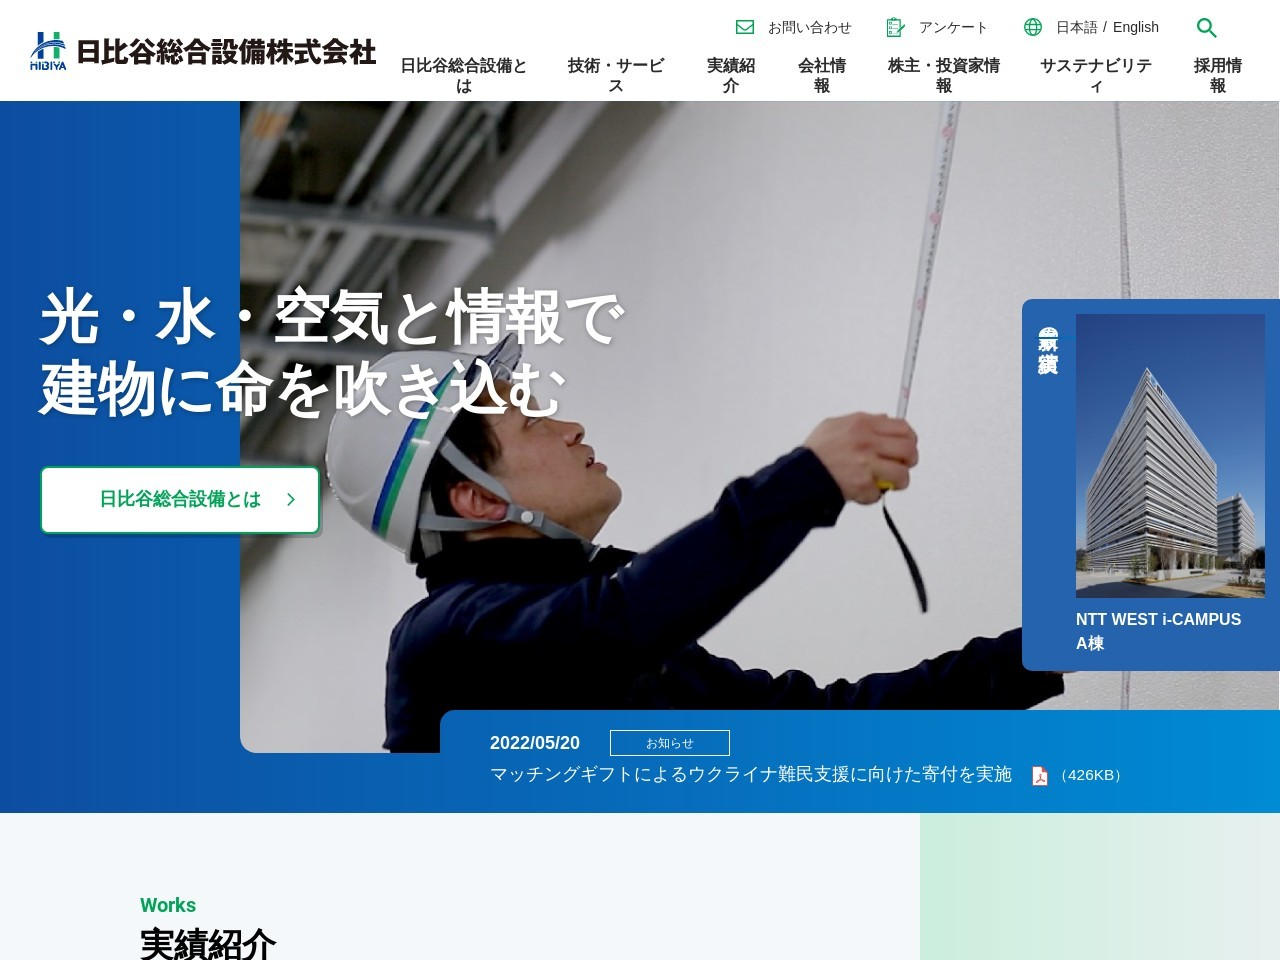 日比谷総合設備株式会社北海道支店